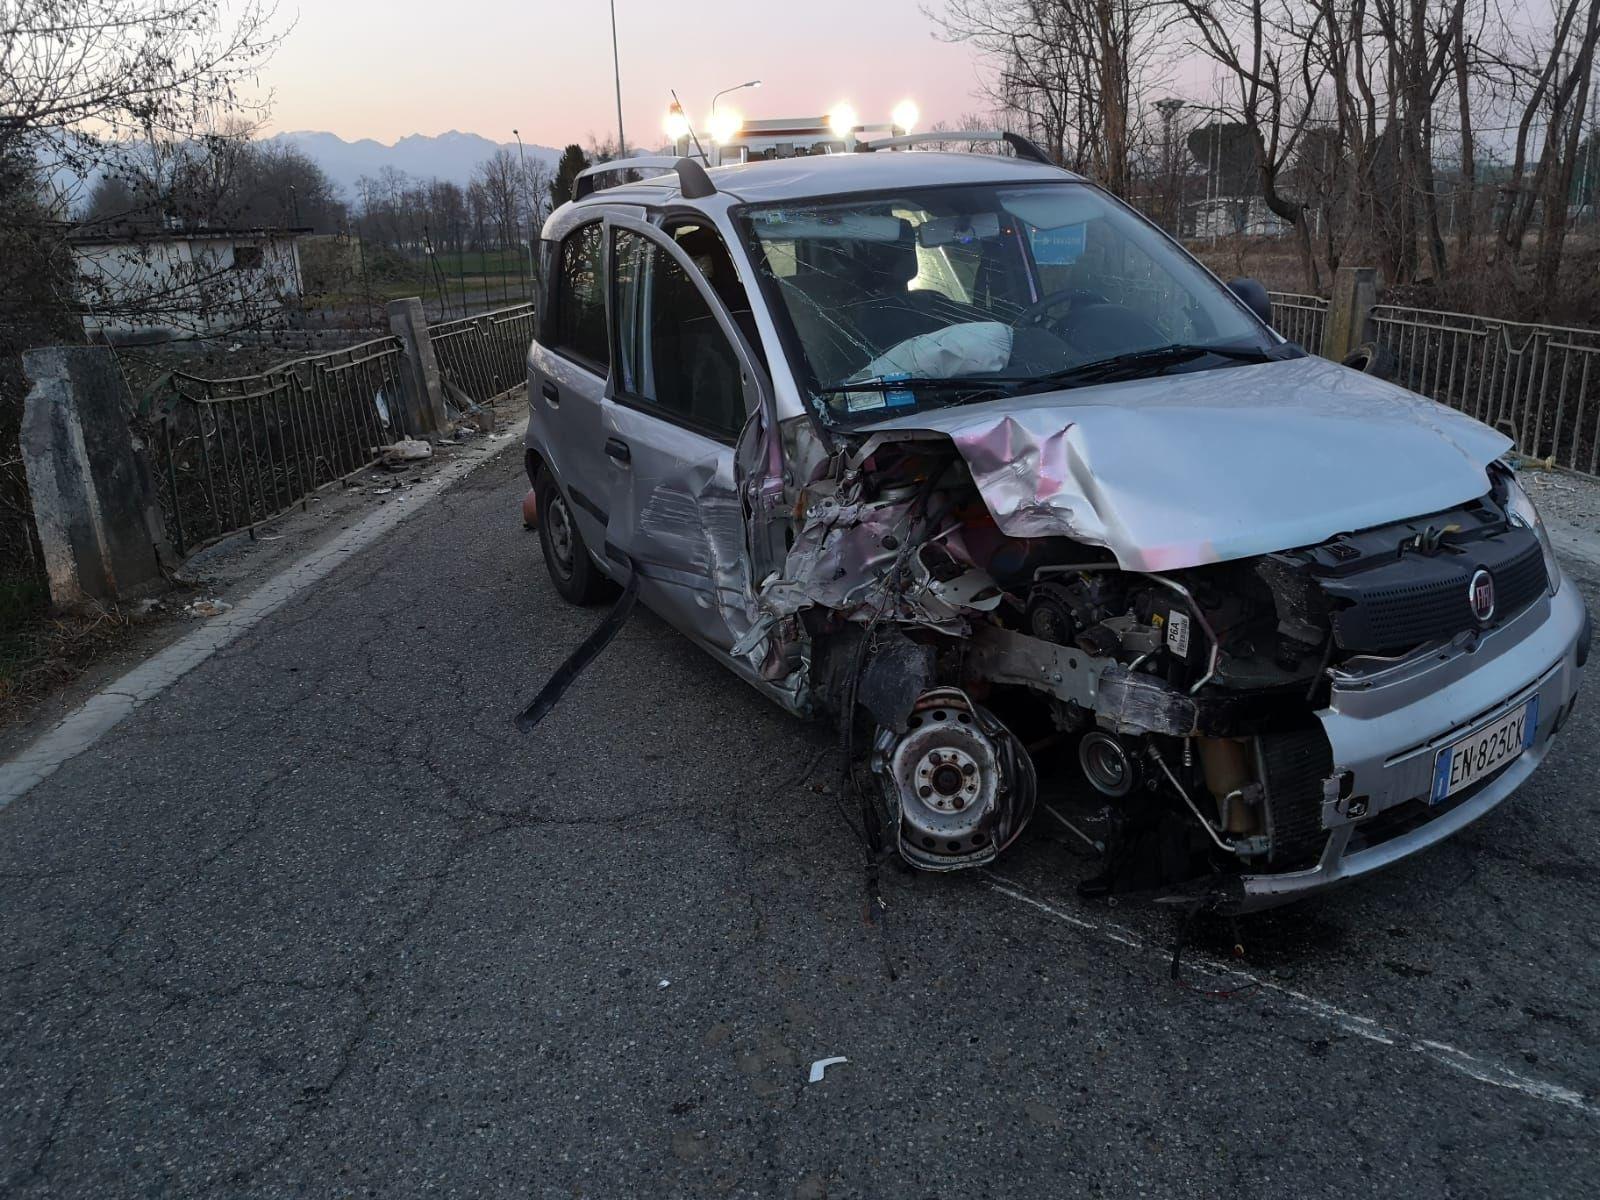 FELETTO-LUSIGLIE' - Incidente stradale, ferita una donna - FOTO